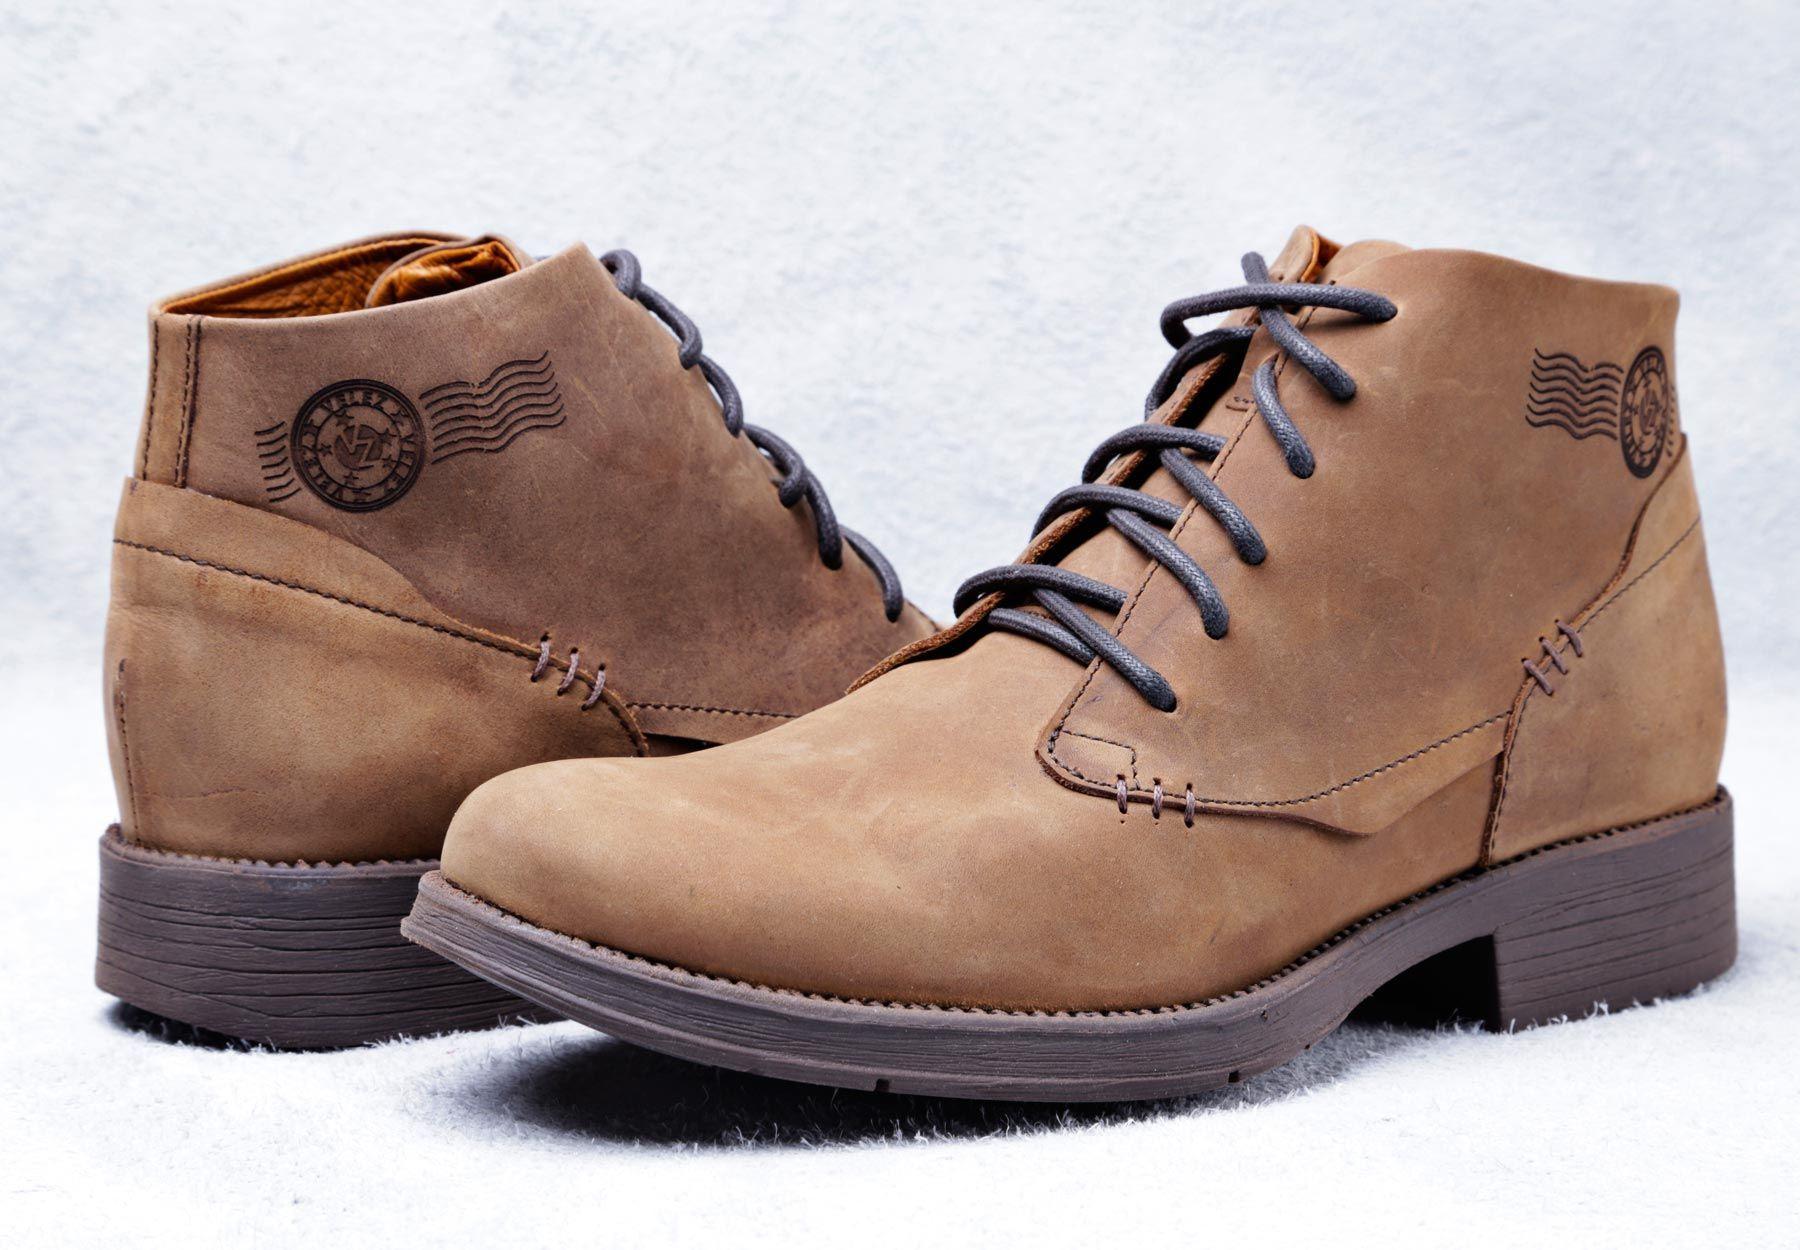 Zapatos Masculinos | #Shoezin' en 2019 | Zapatos de cuero